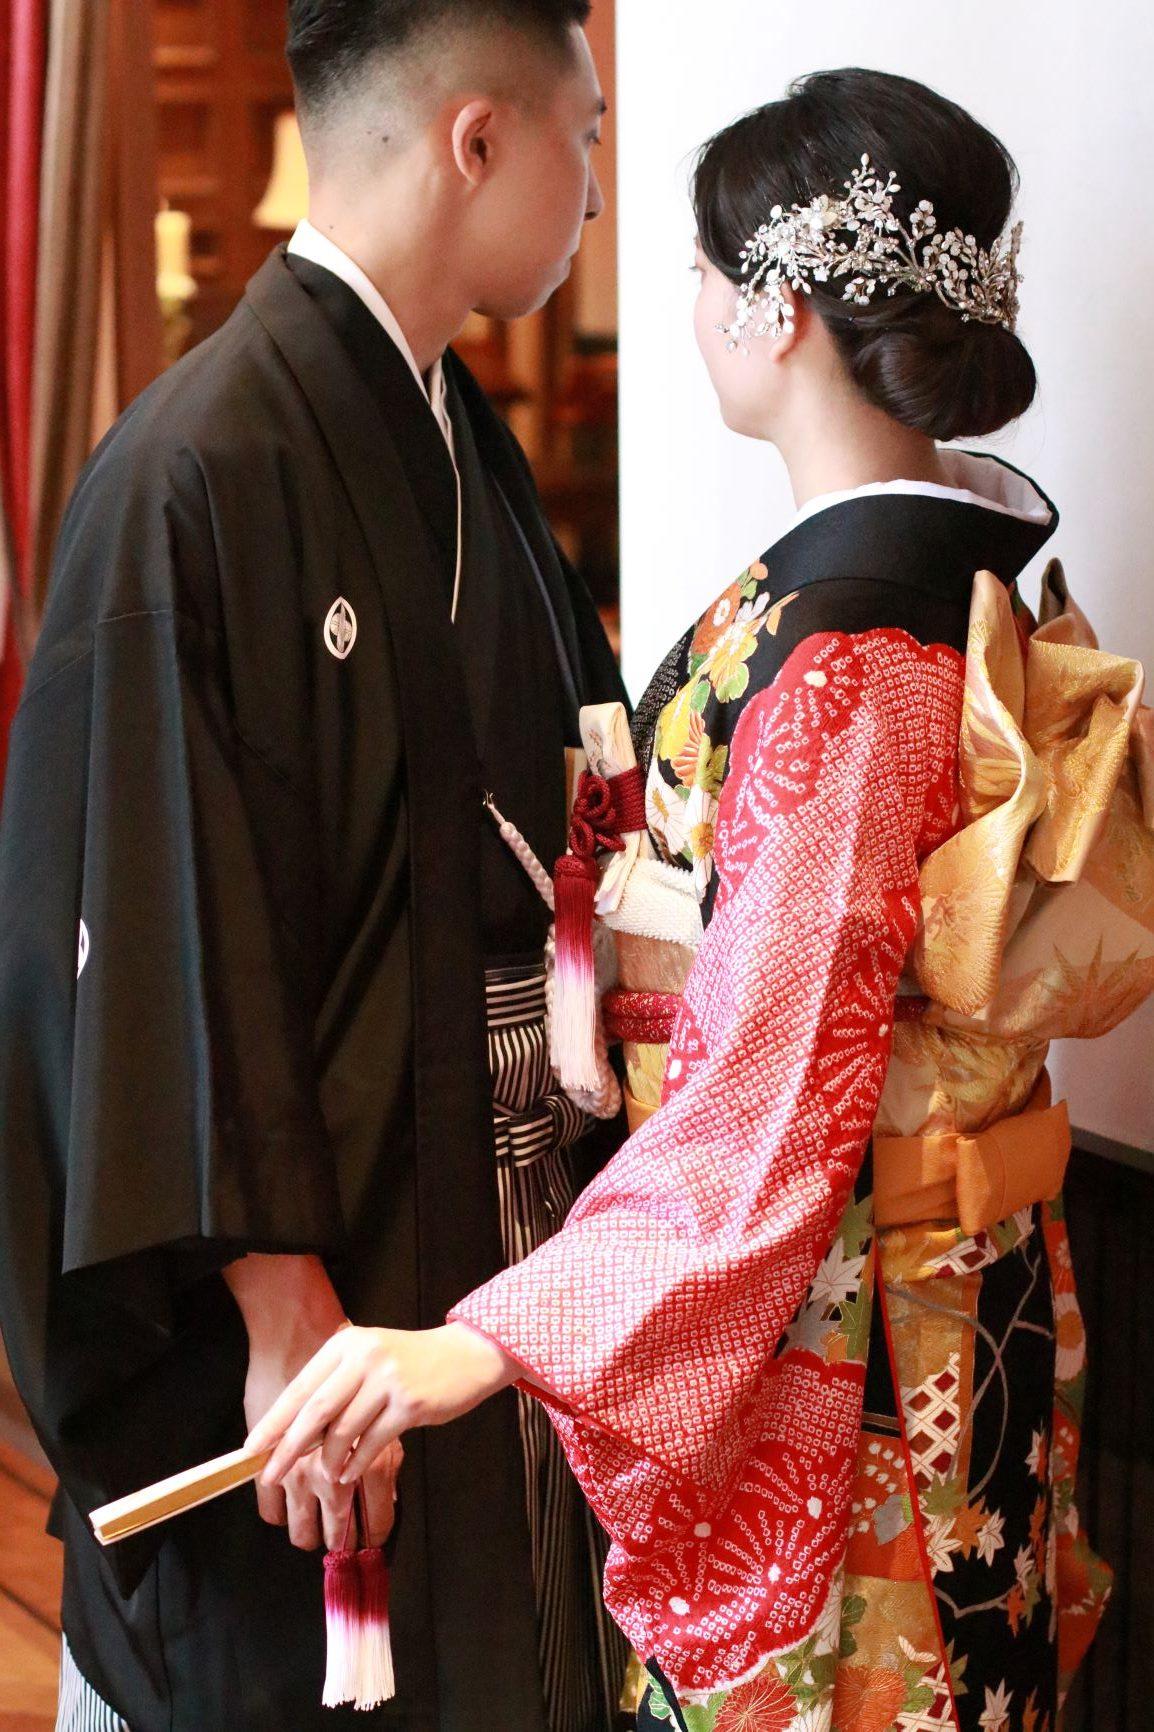 新郎様は紋付袴姿、新婦様は色鮮やかな色打掛や振袖をお召しいただく結婚式の和装スタイルは、お洒落な花嫁様に人気のお色直しや前撮りのスタイルとなっており、現代にふさわしい和モダンな印象のコーディネートがおすすめです